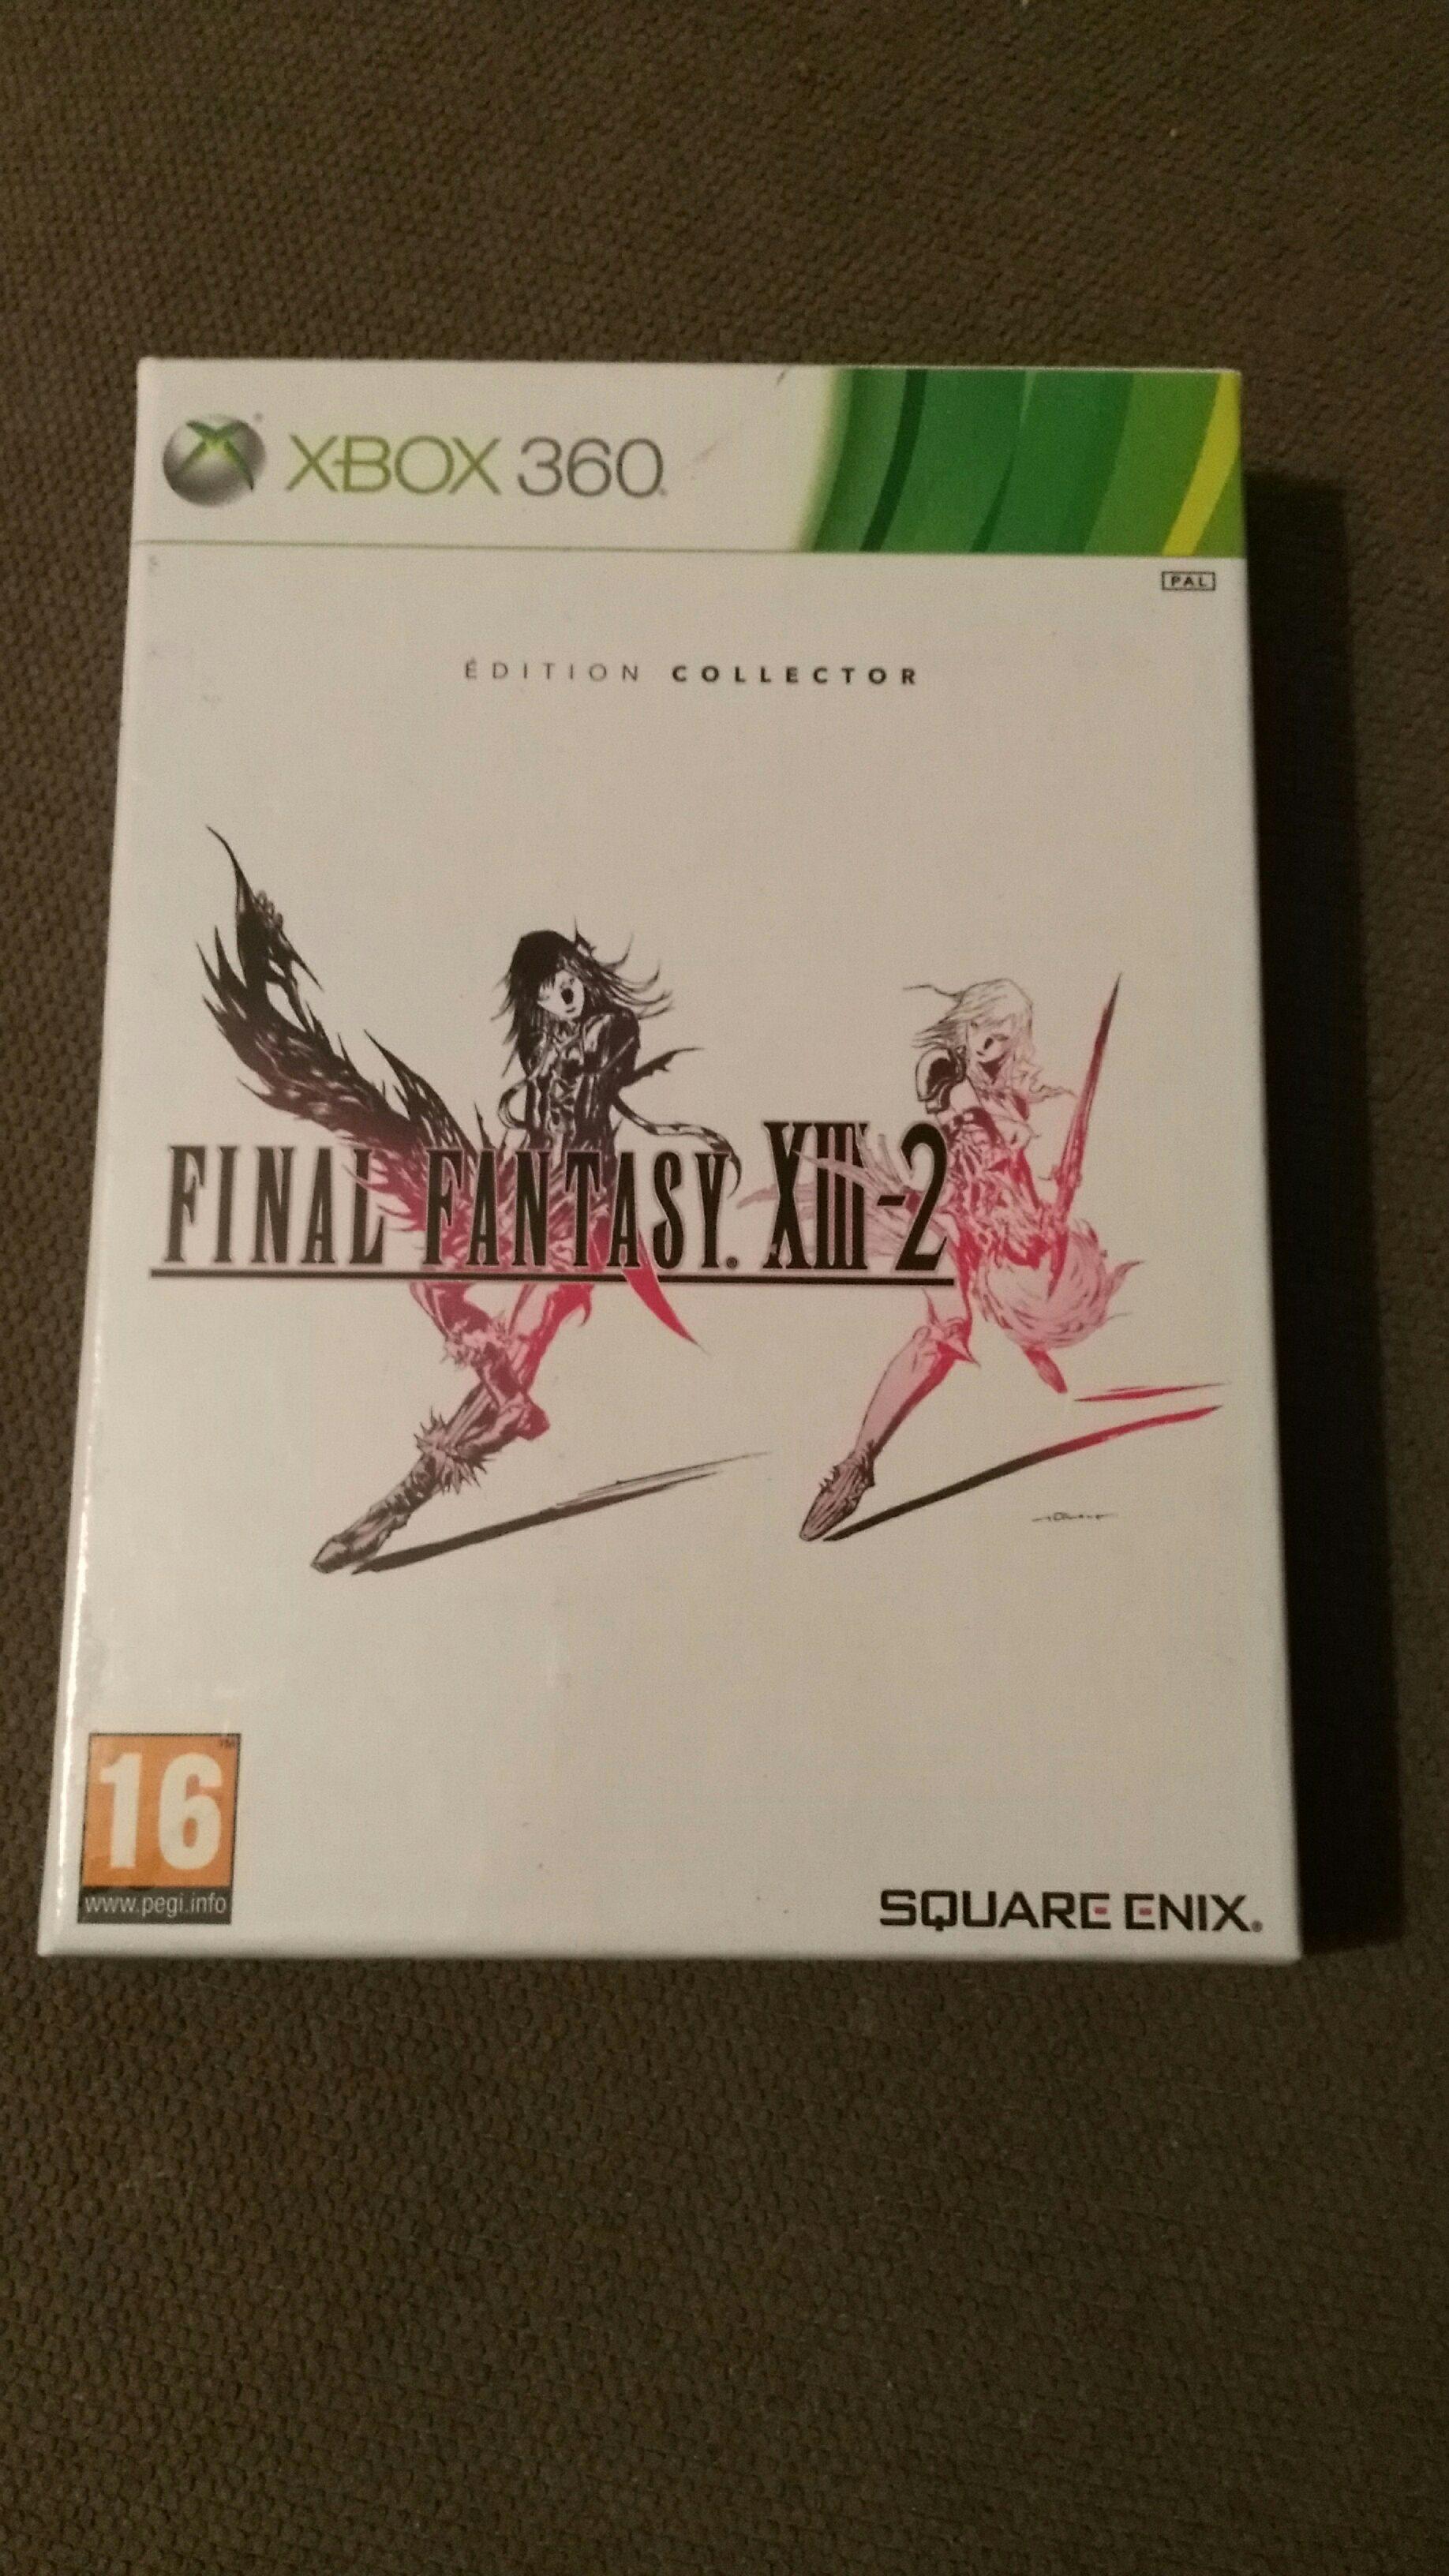 Sélection de jeux vidéo en promotion - Ex : Final Fantasy XIII-2 édition collector sur Xbox 360 - Limoges (87)